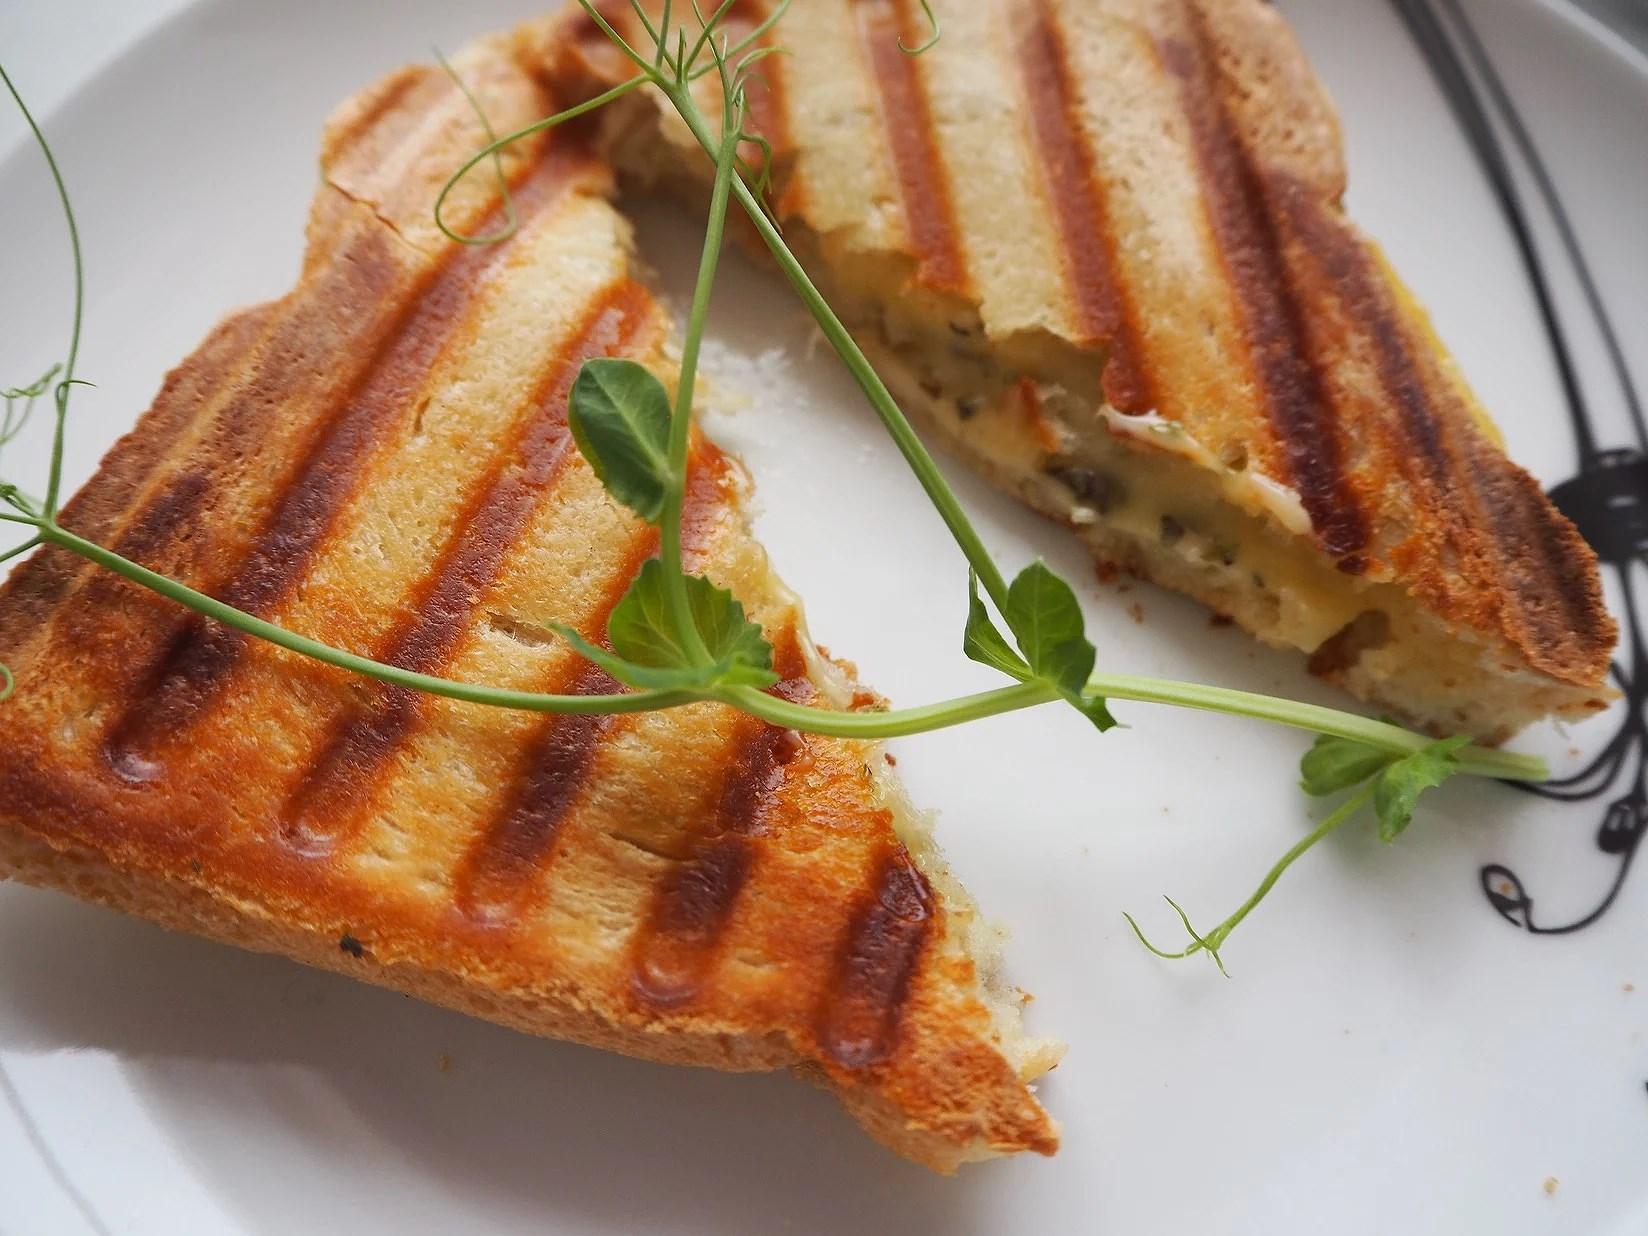 Malin testar - vegansk toast